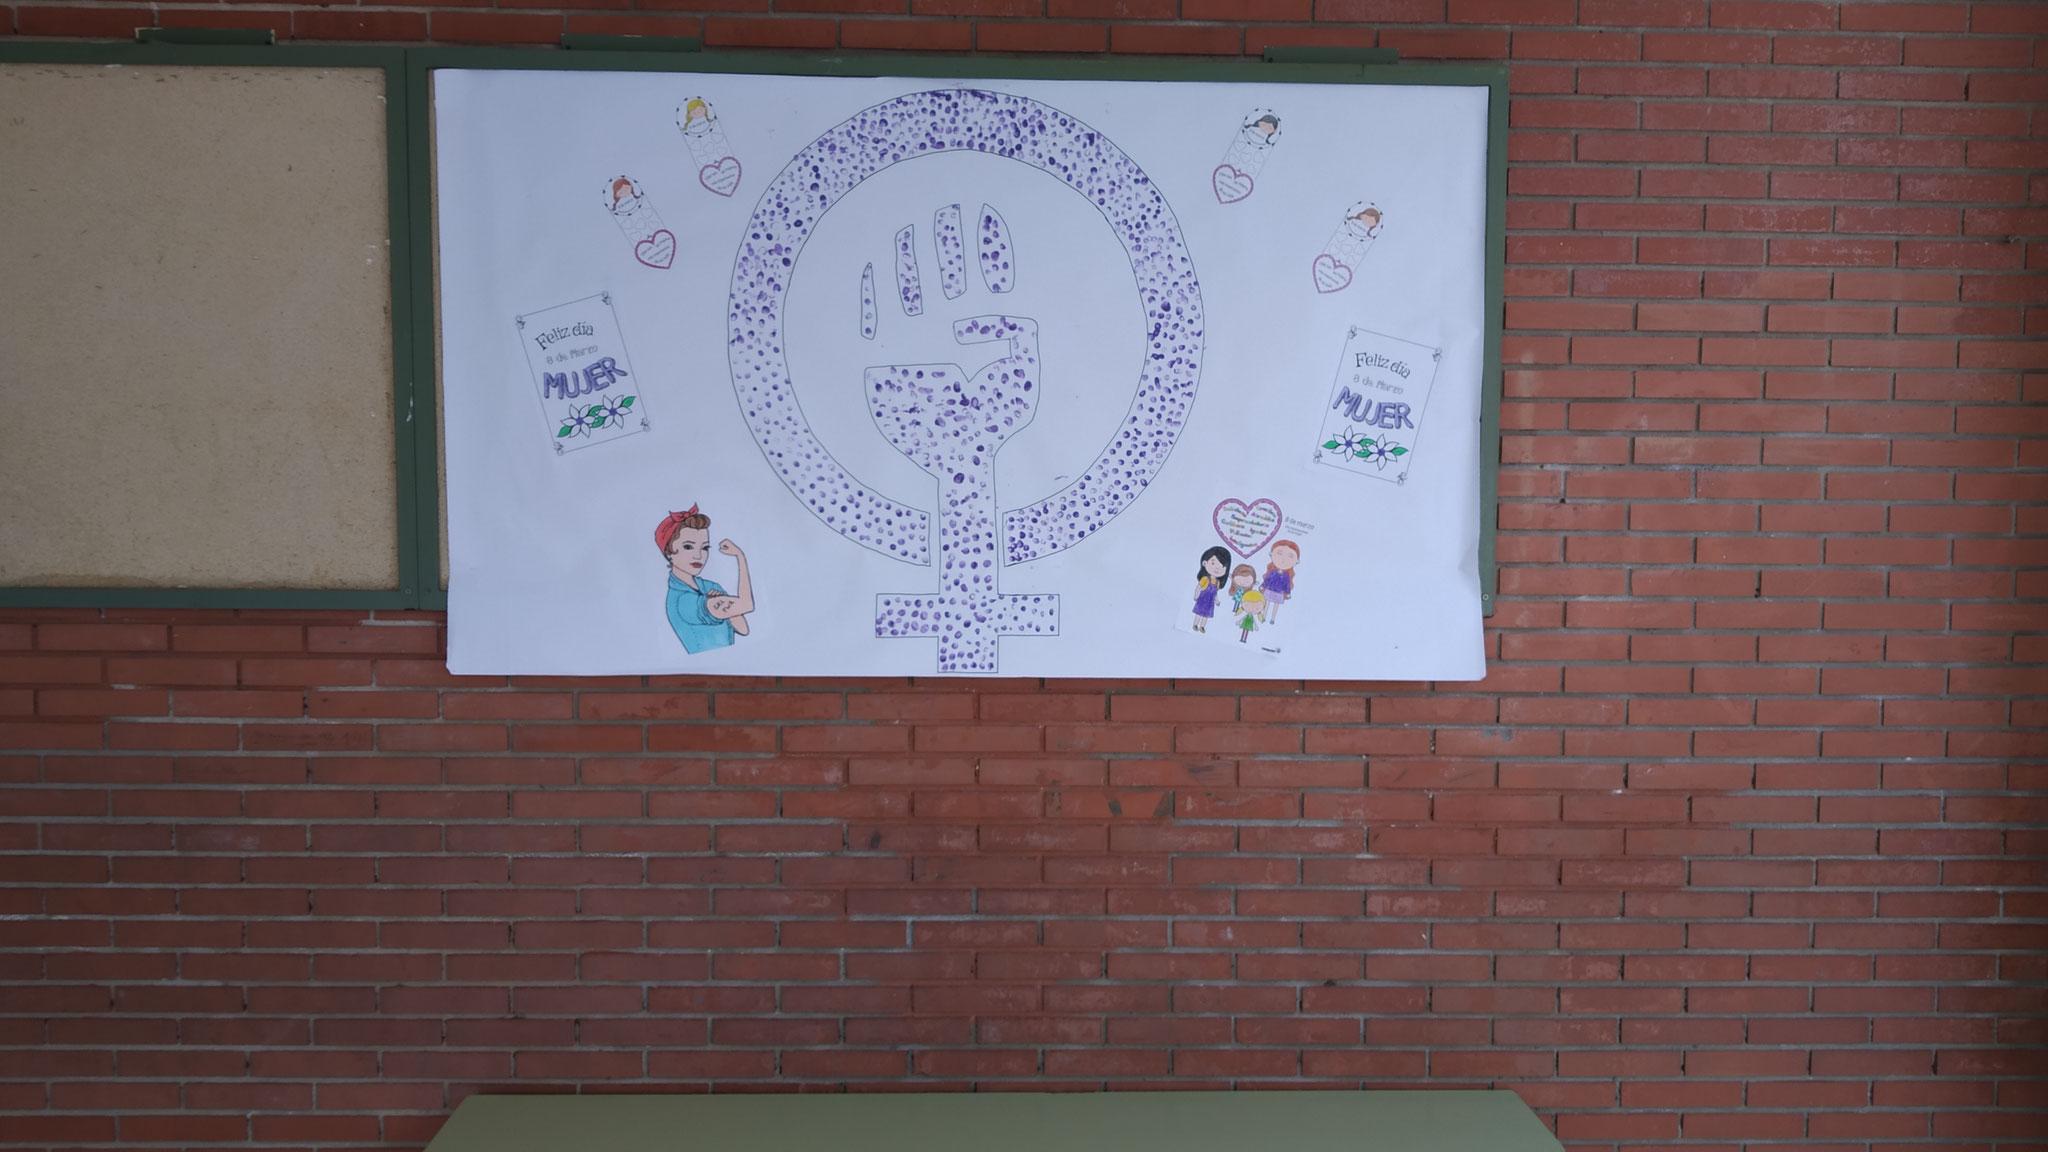 Cartel conmemorativo con las huellas de todo el alumnado de infantil